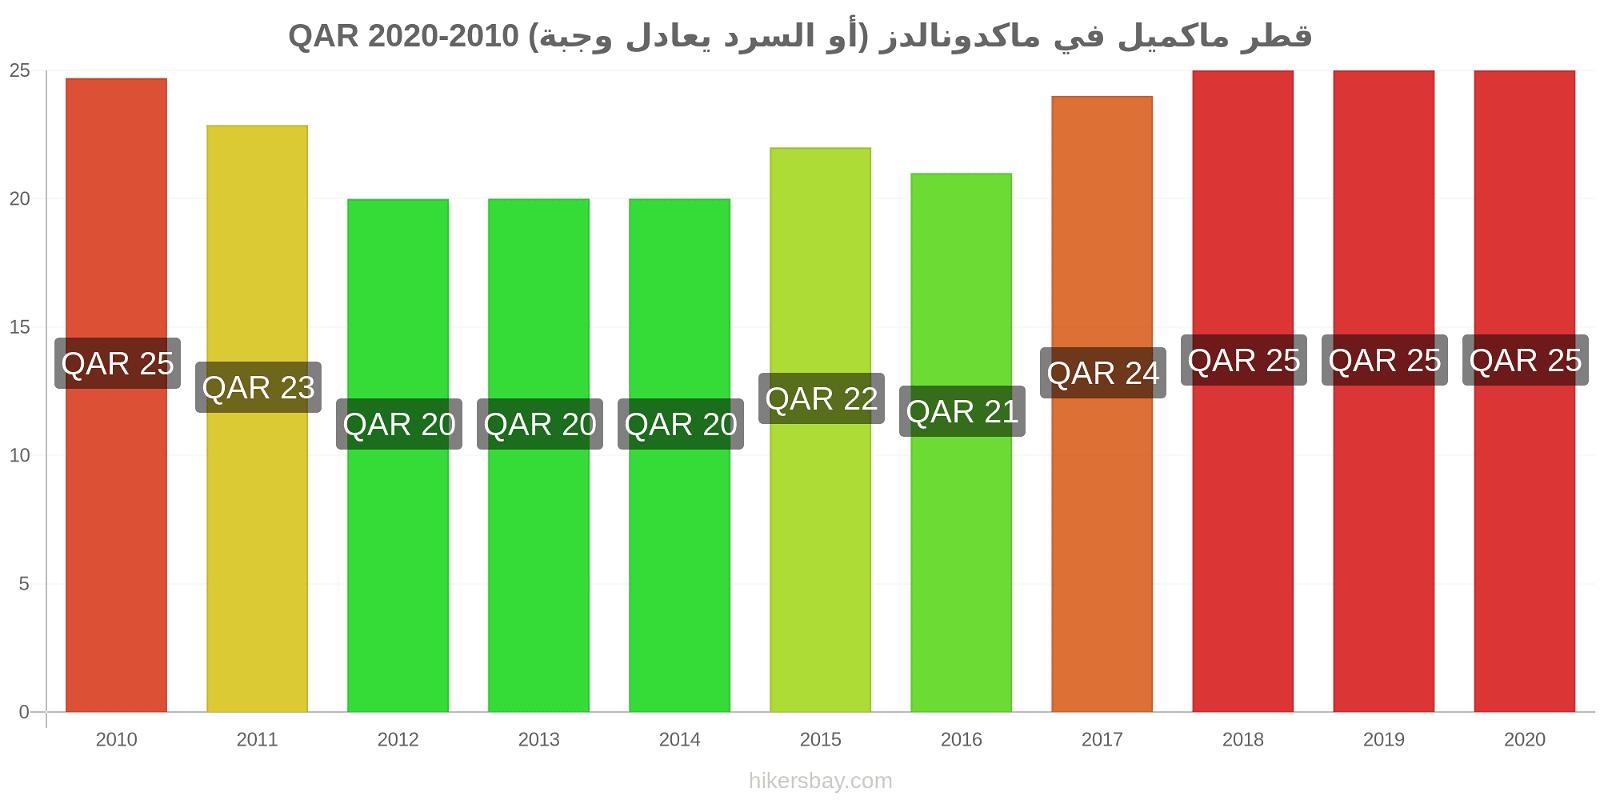 قطر تغيرات السعر ماكميل في ماكدونالدز (أو السرد يعادل وجبة) hikersbay.com